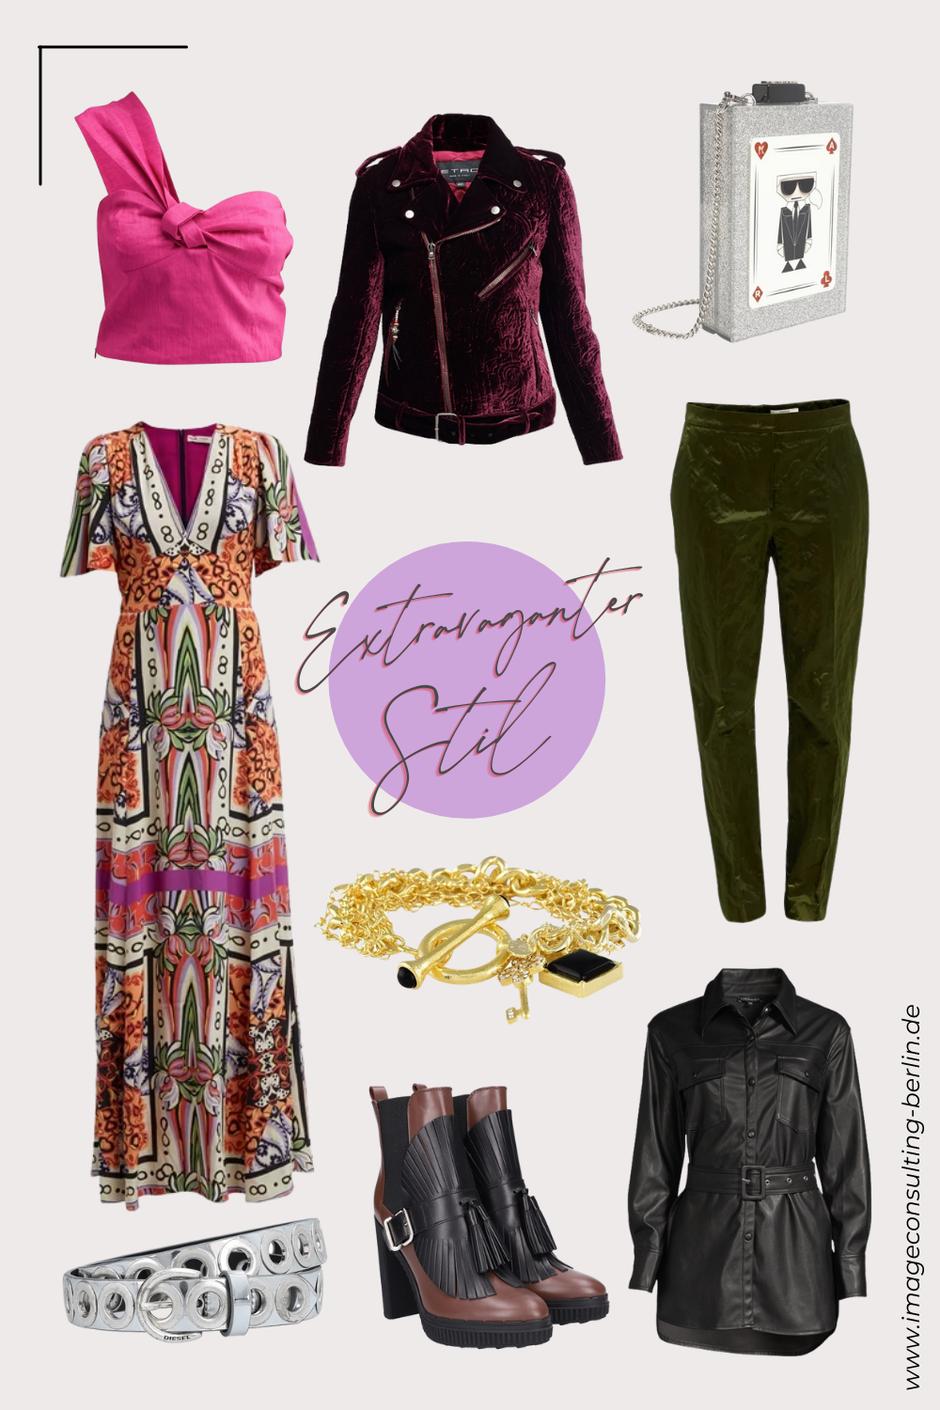 Capsule Wardrobe für extravagante Frauen, Grundgarderobe eklektischer Stil